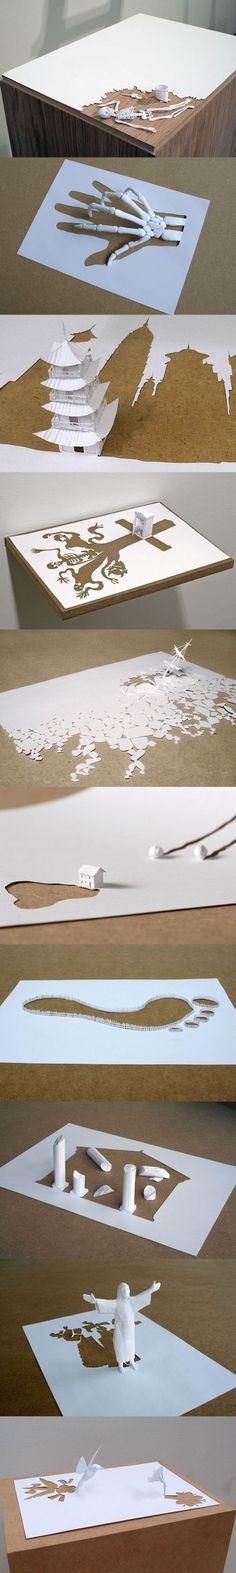 Unglaubliche Papierkunst von Peter Callesen - Win Bilder | Webfail - Fail Bilder und Fail Videos